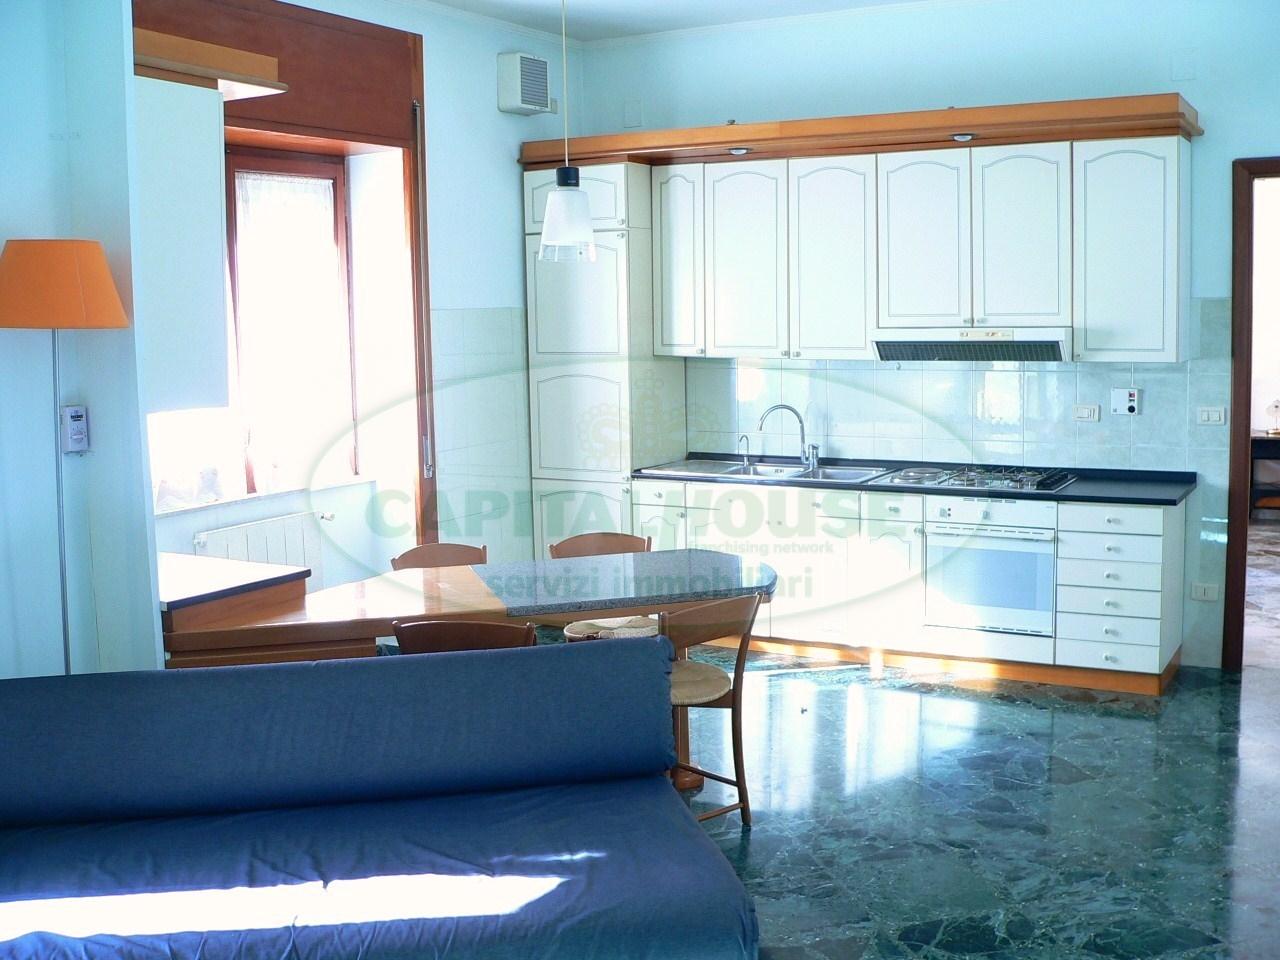 420vbr appartamento in affitto a caserta ospedale for Affitto caserta arredato